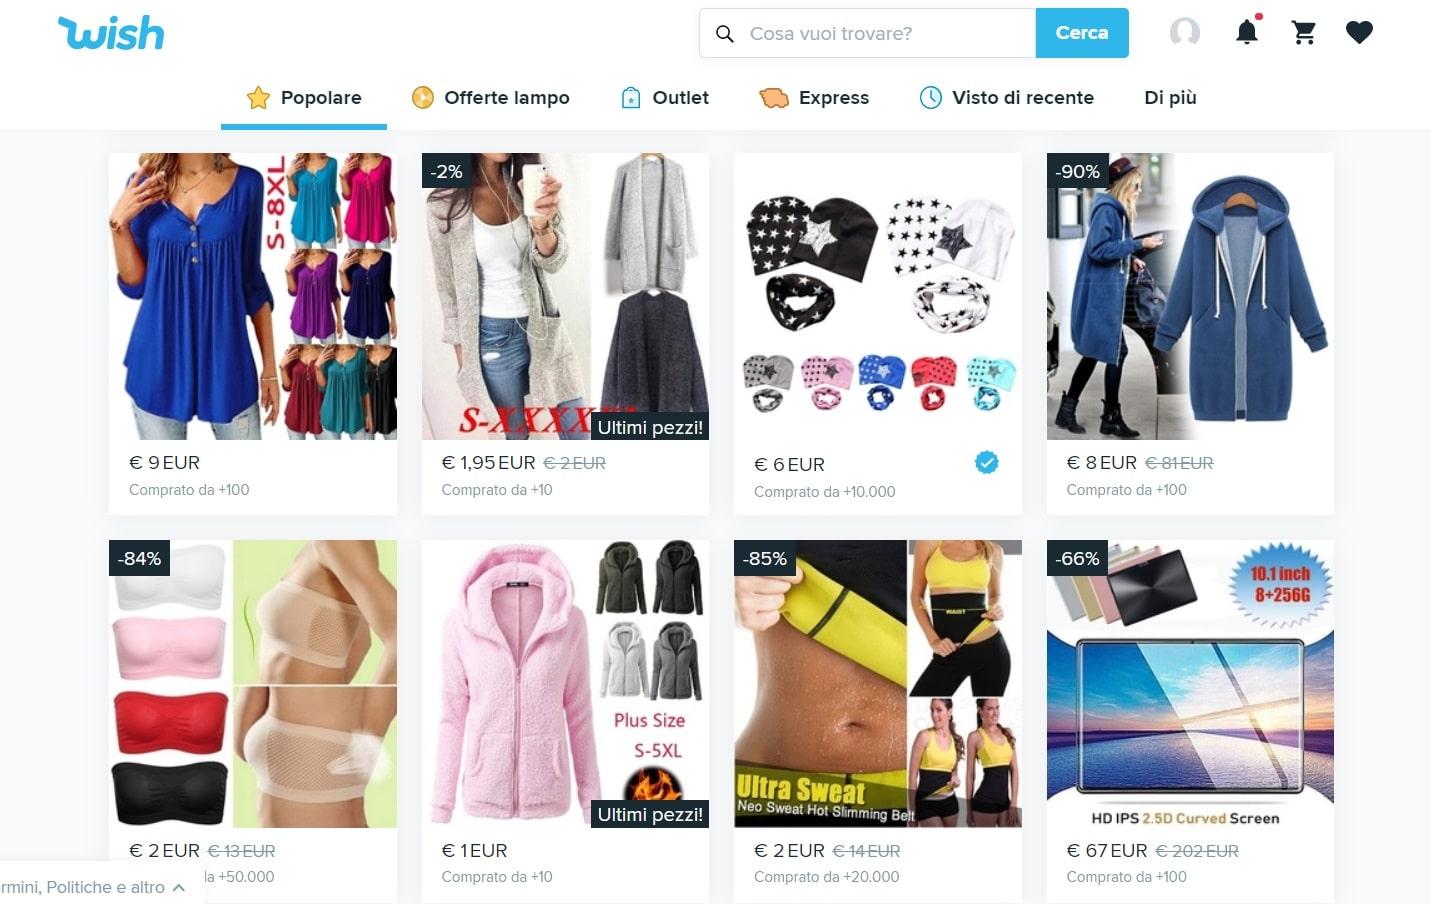 wish negozio online italia esperienza di acquisto